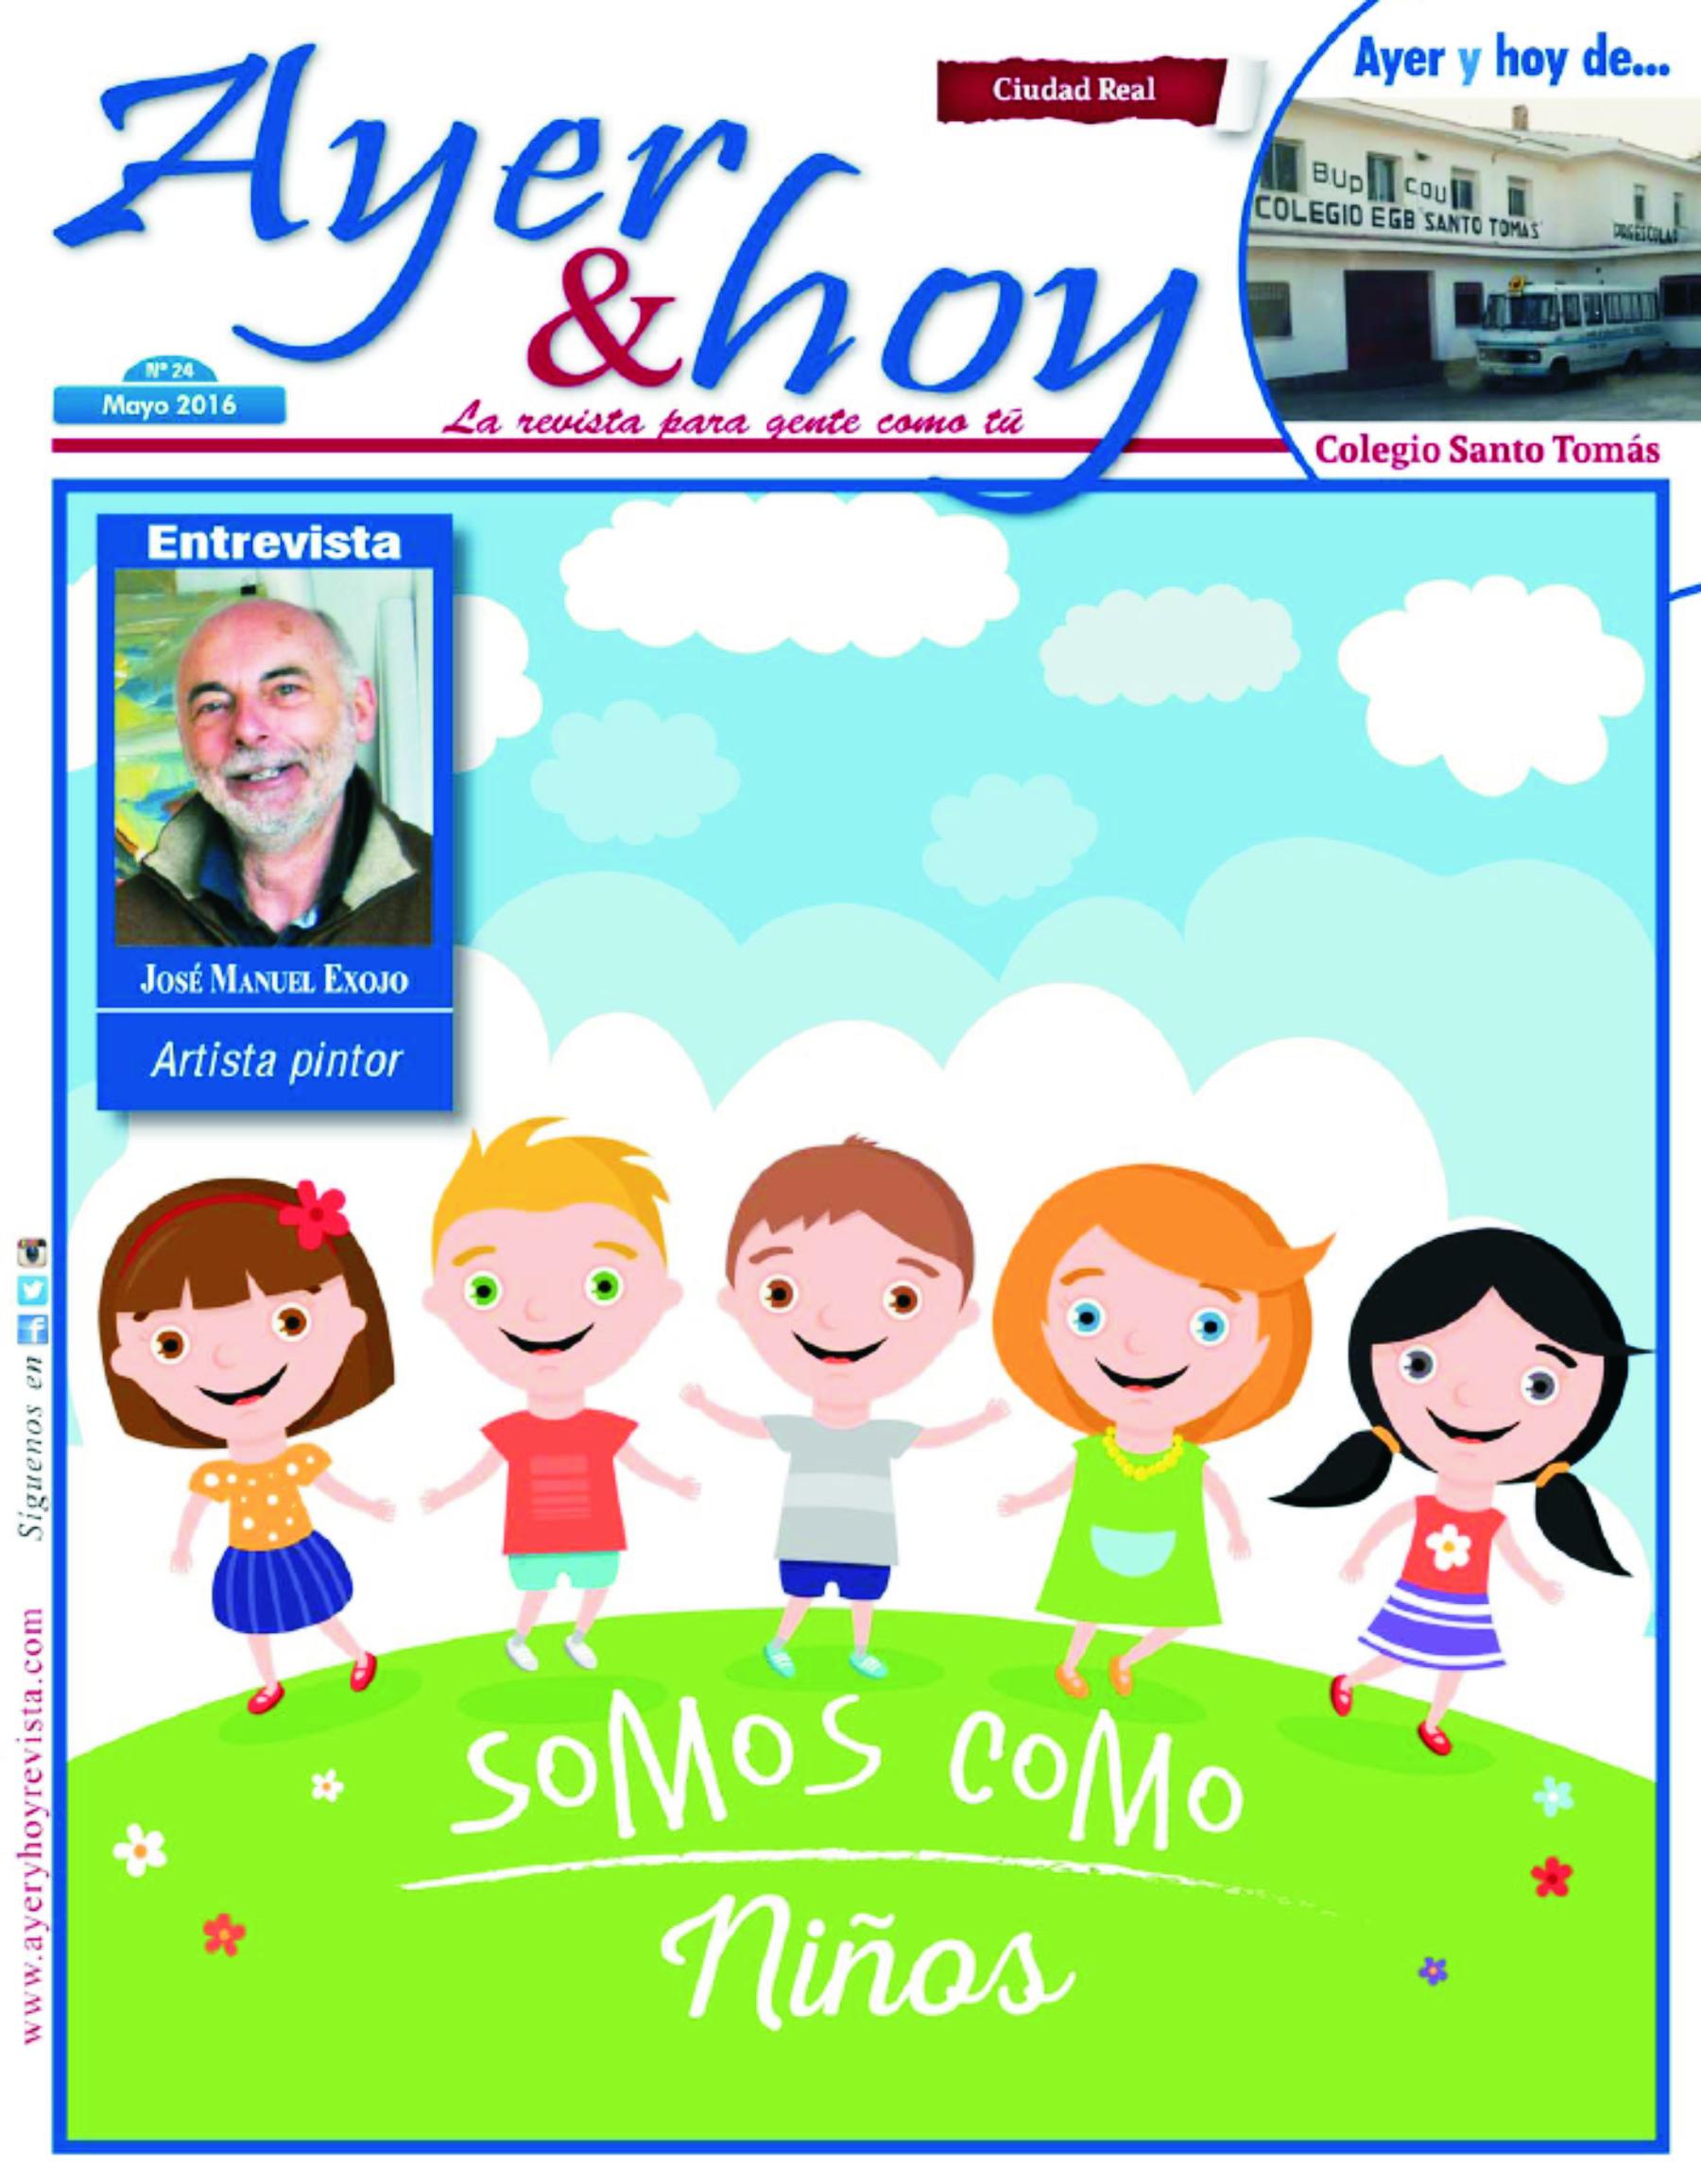 Revista de Mayo 2016 – Ciudad Real